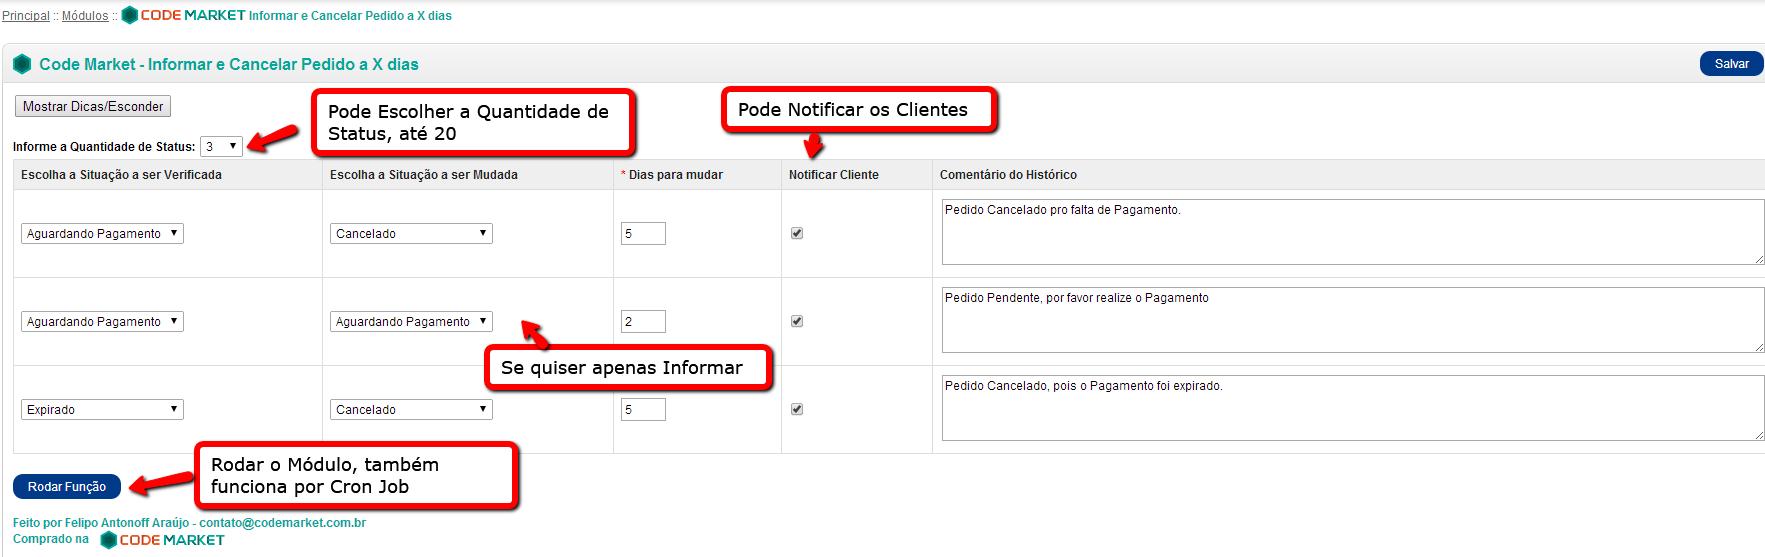 Informar e Cancelar Pedidos a X dias com o mesmo Status para Opencart - Foto 7